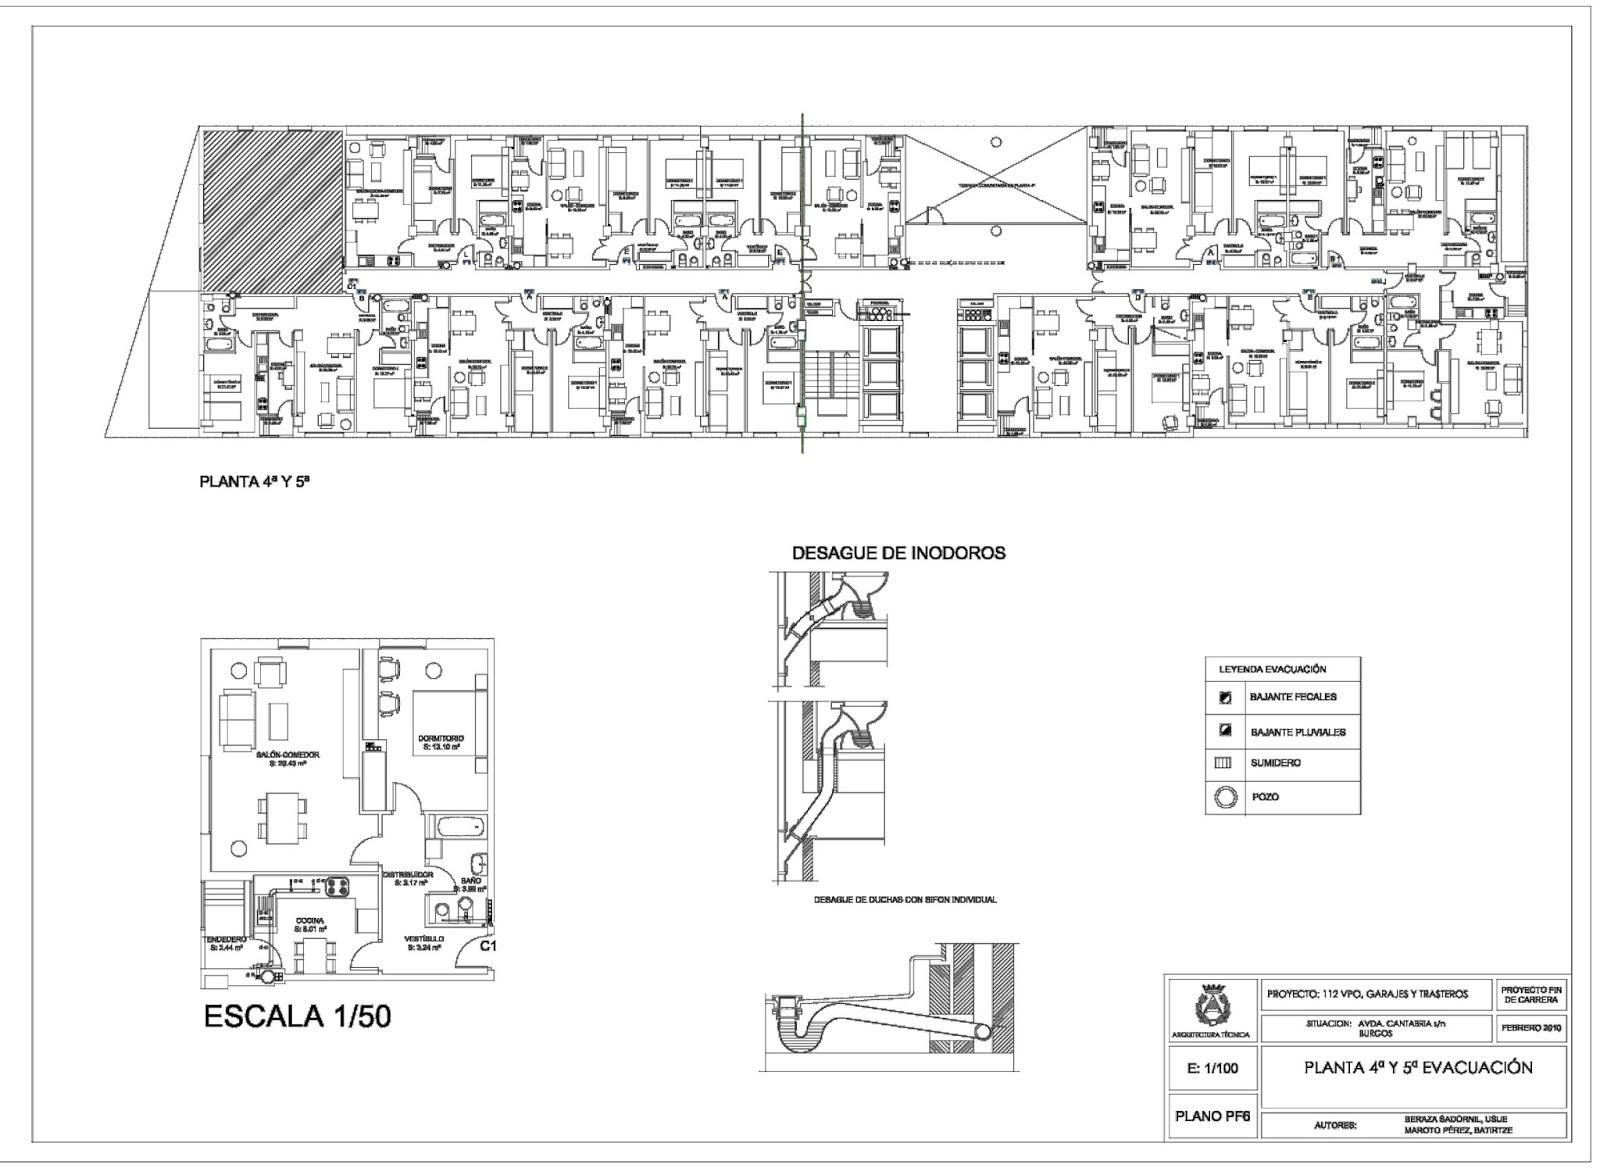 Usue Beraza Pfc Arquitectura T Cnica